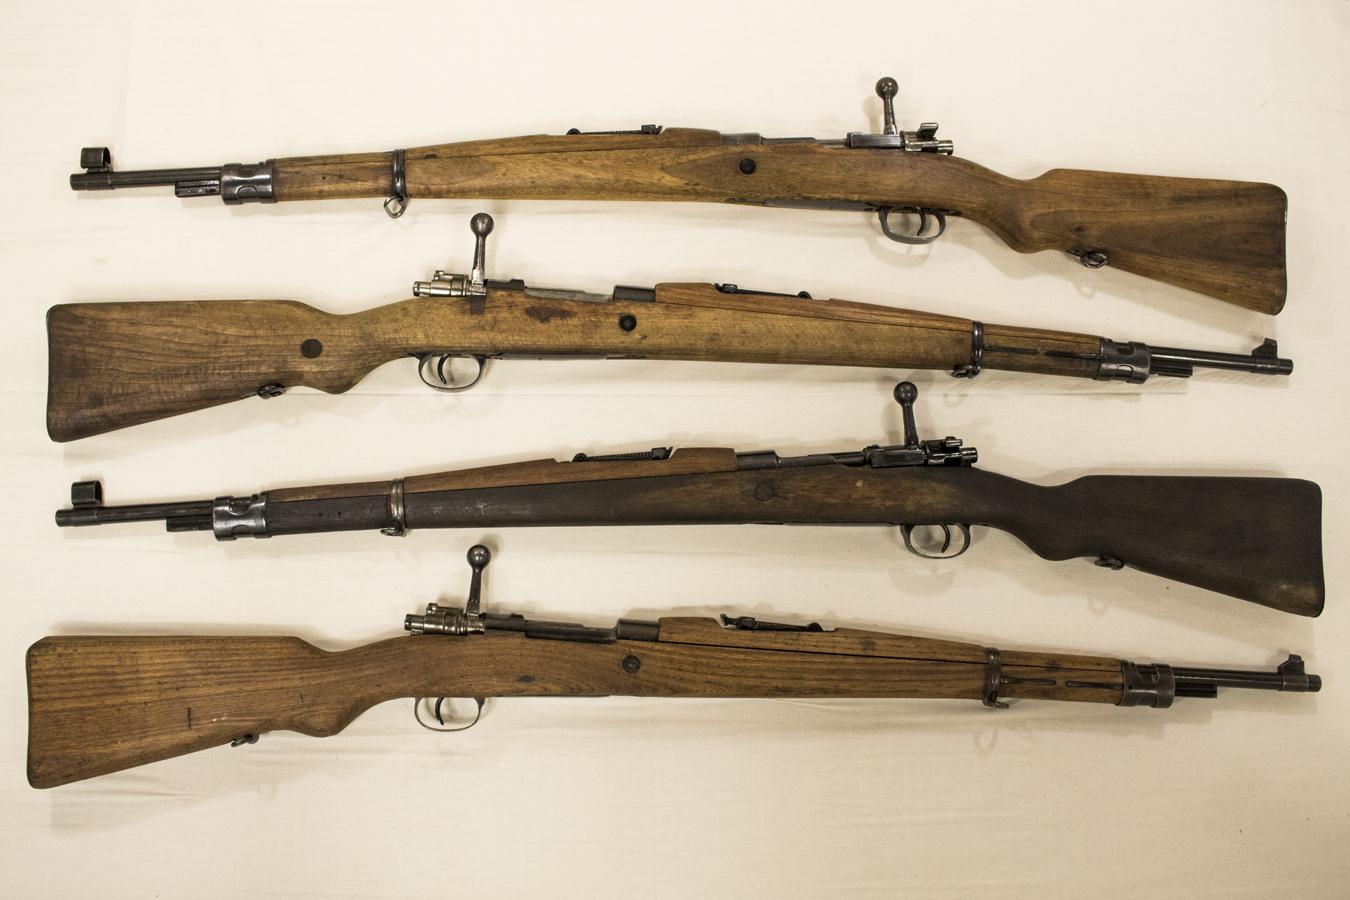 American Tactical Yugo M24/47 7.9x57mm Mauser Rifle (Fair